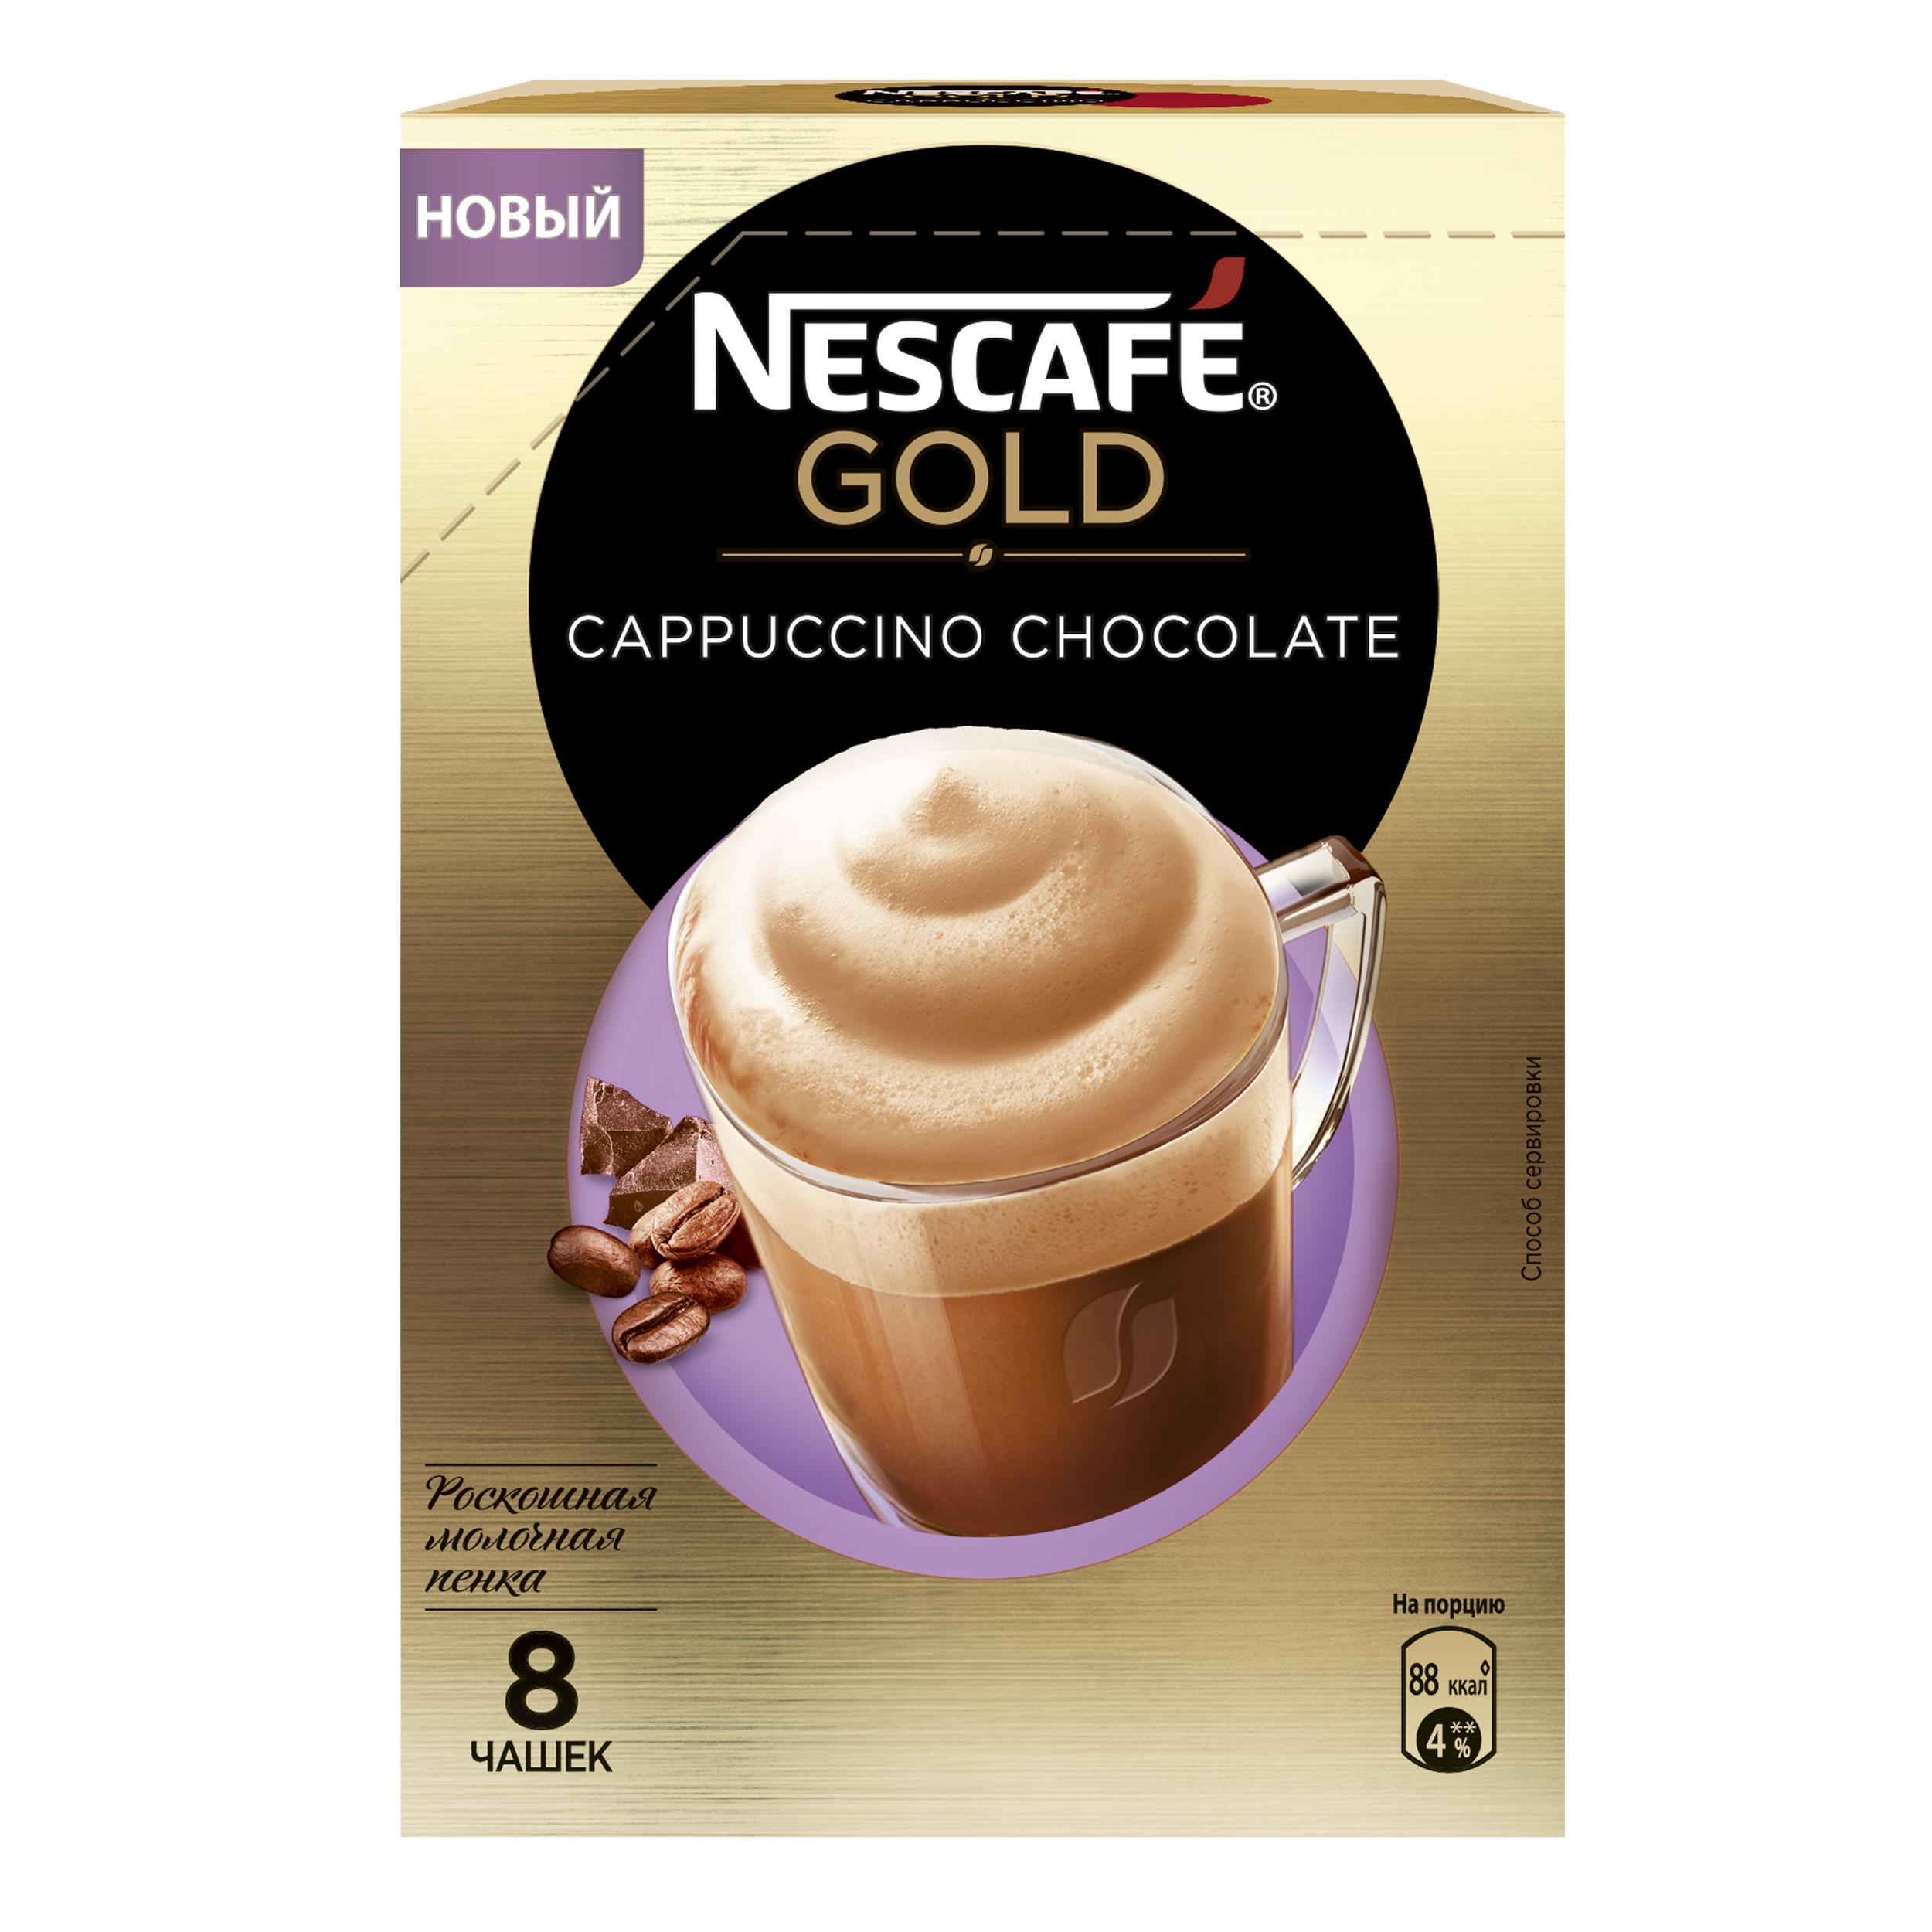 Кофе растворимый Nescafe gold cappuccino chocolate порционный 8 порций по 22 г фото